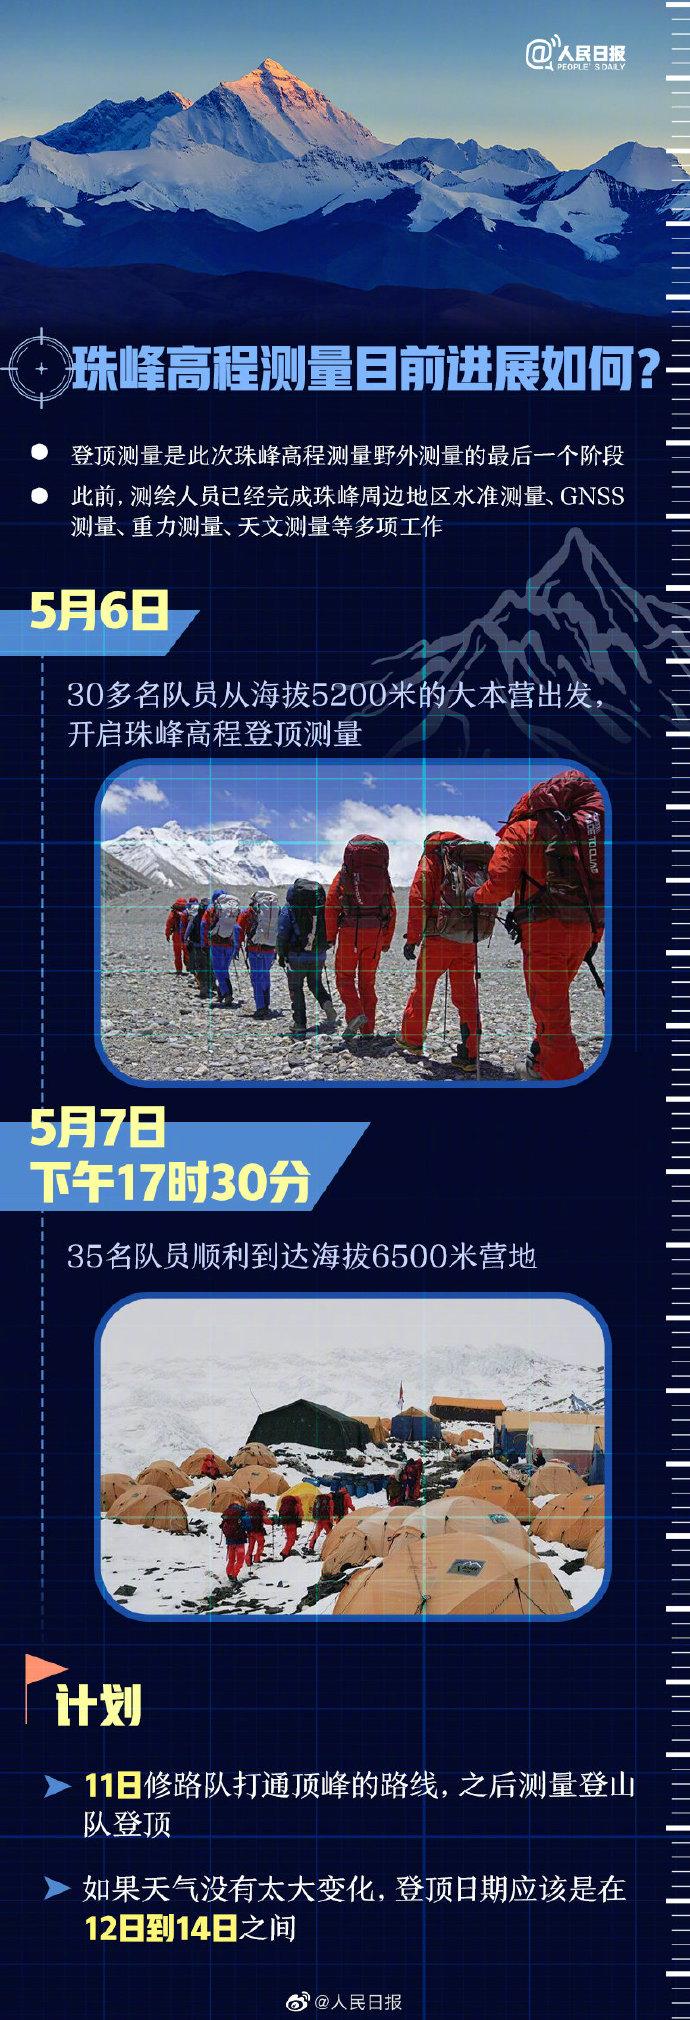 【科普文】珠峰测量为什么不能用无人机?再测珠峰的勇士是谁?